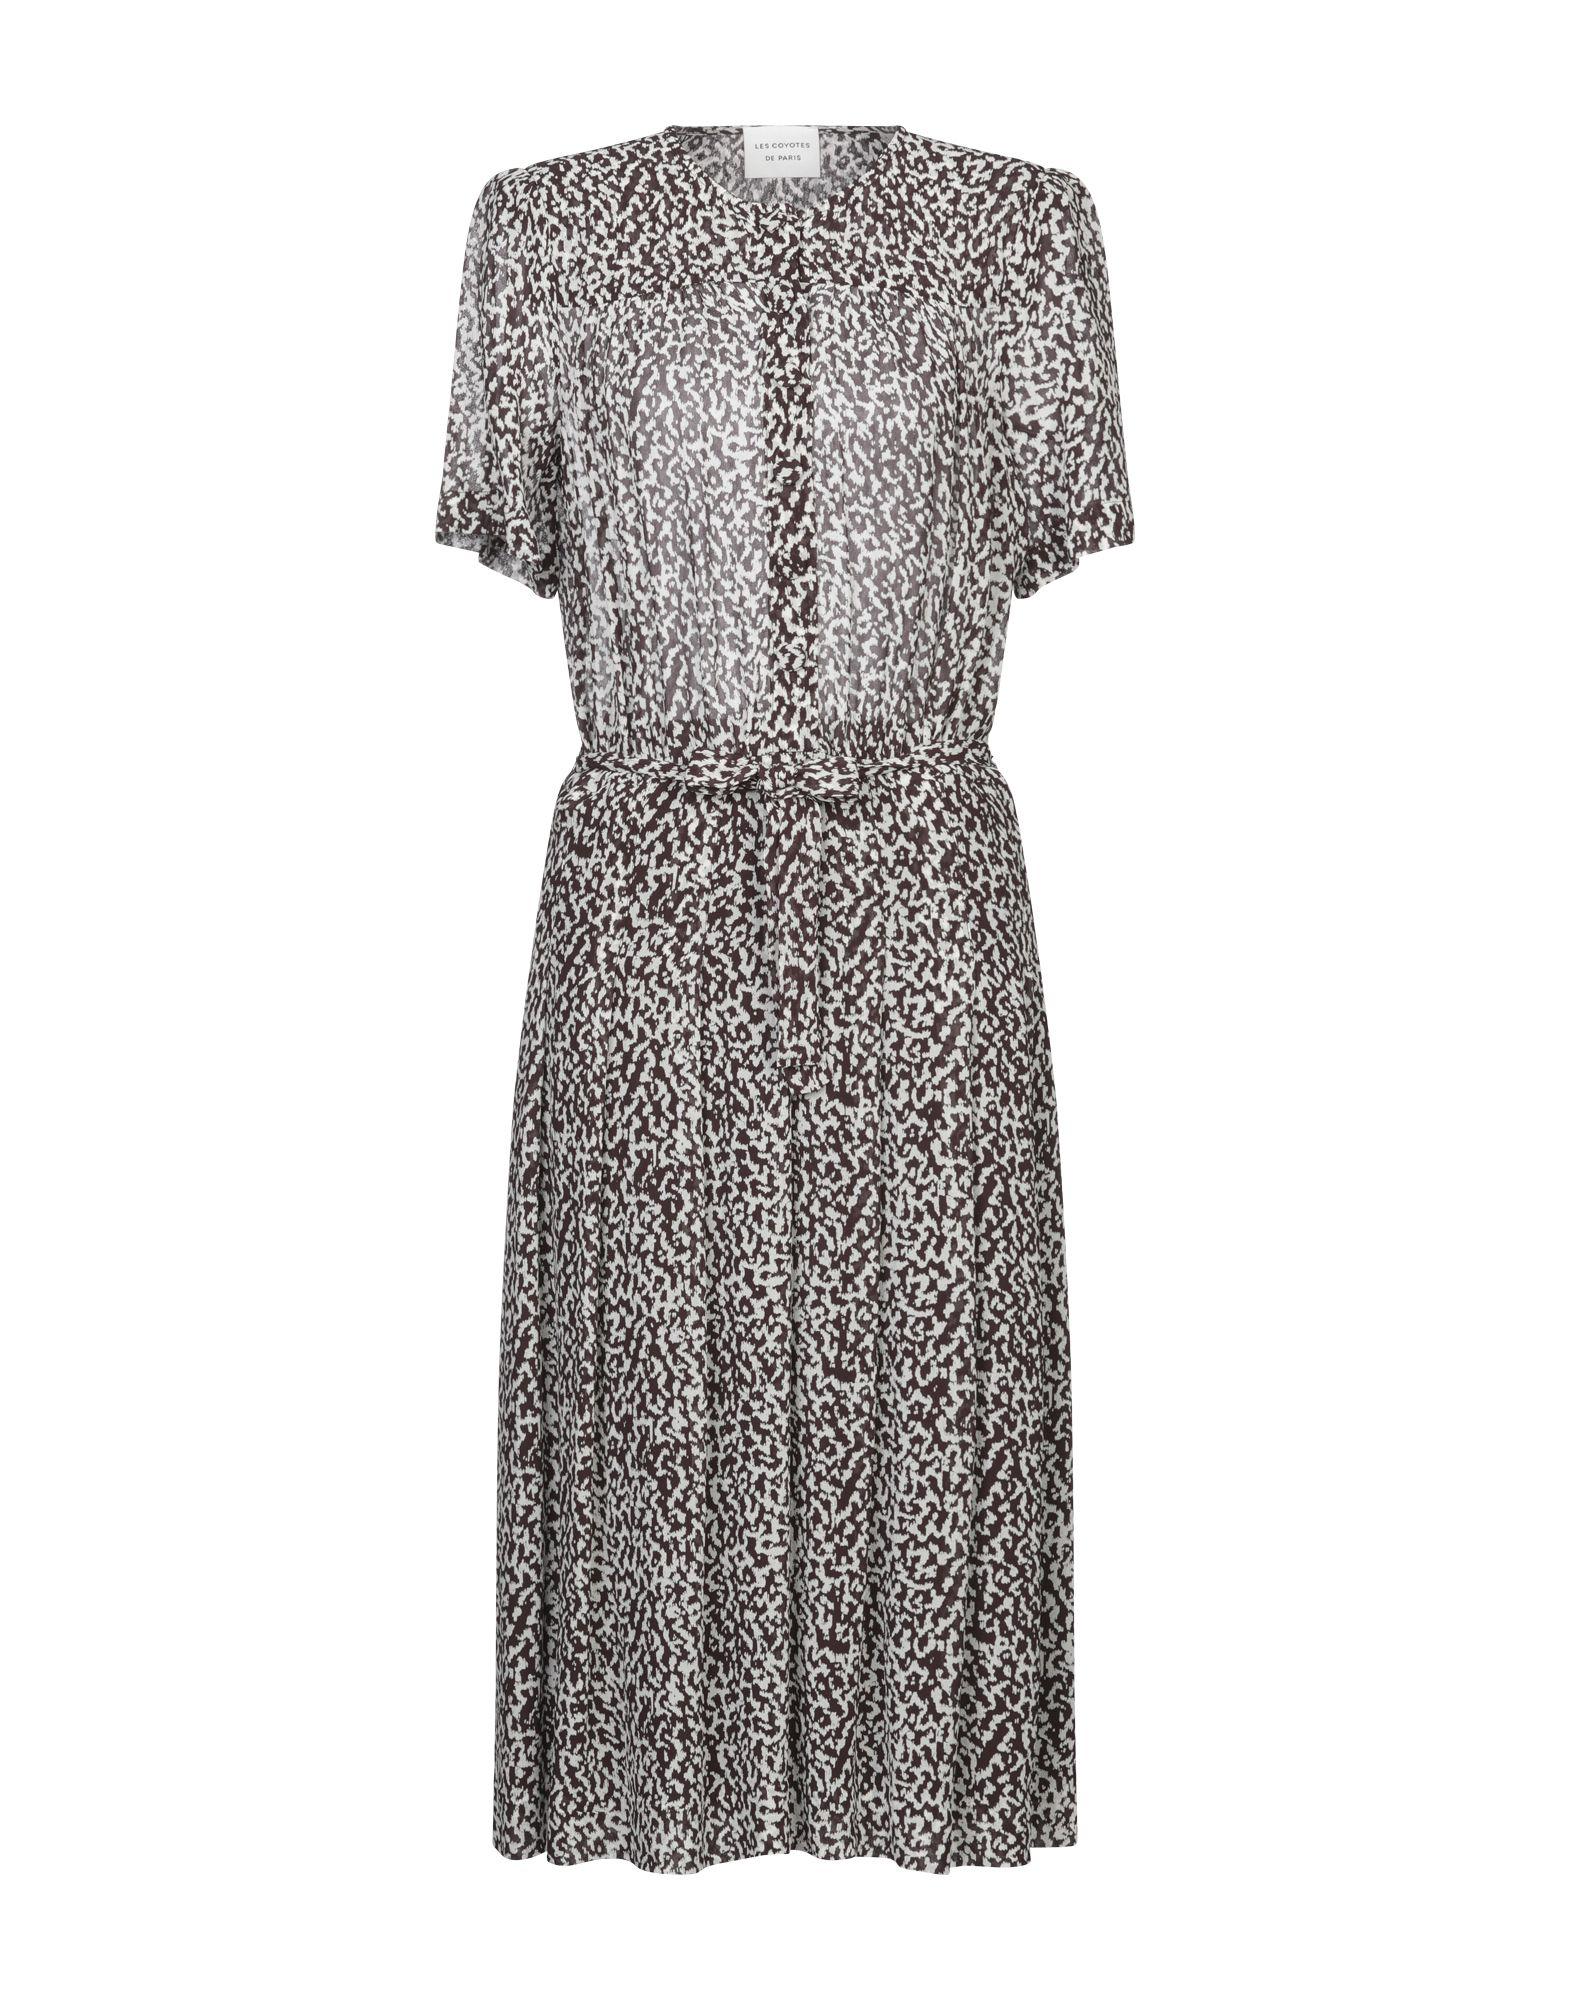 LES COYOTES DE PARIS Платье длиной 3/4